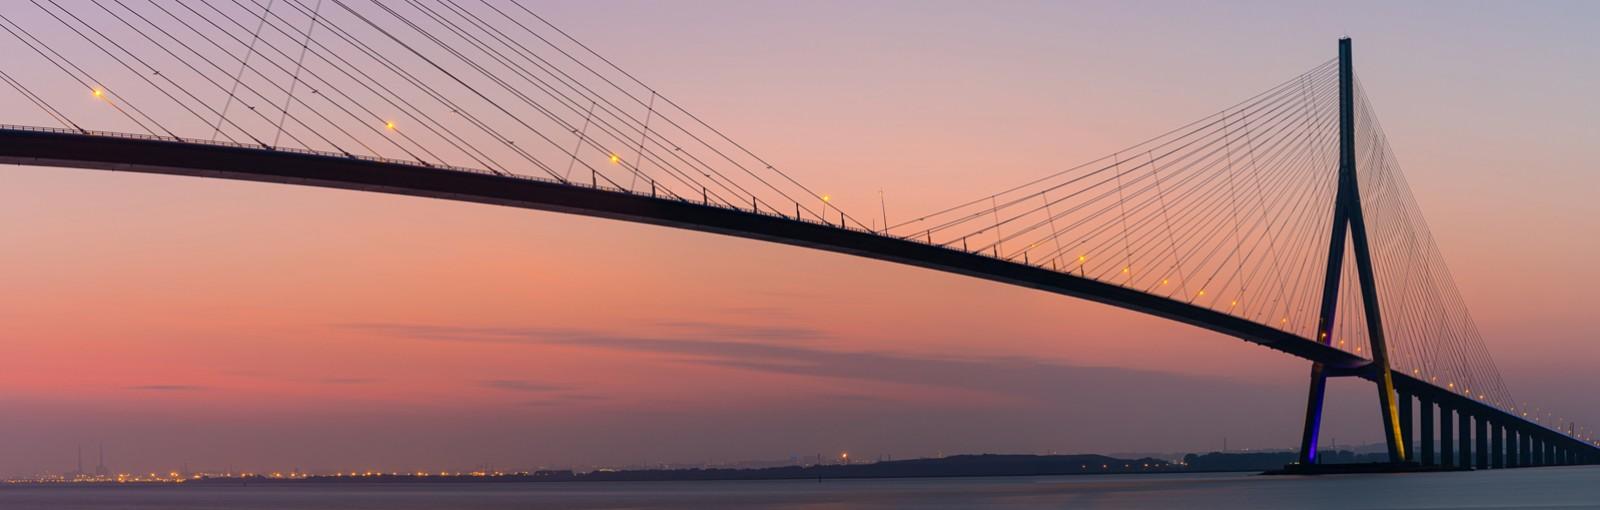 The Bridge of Normandy